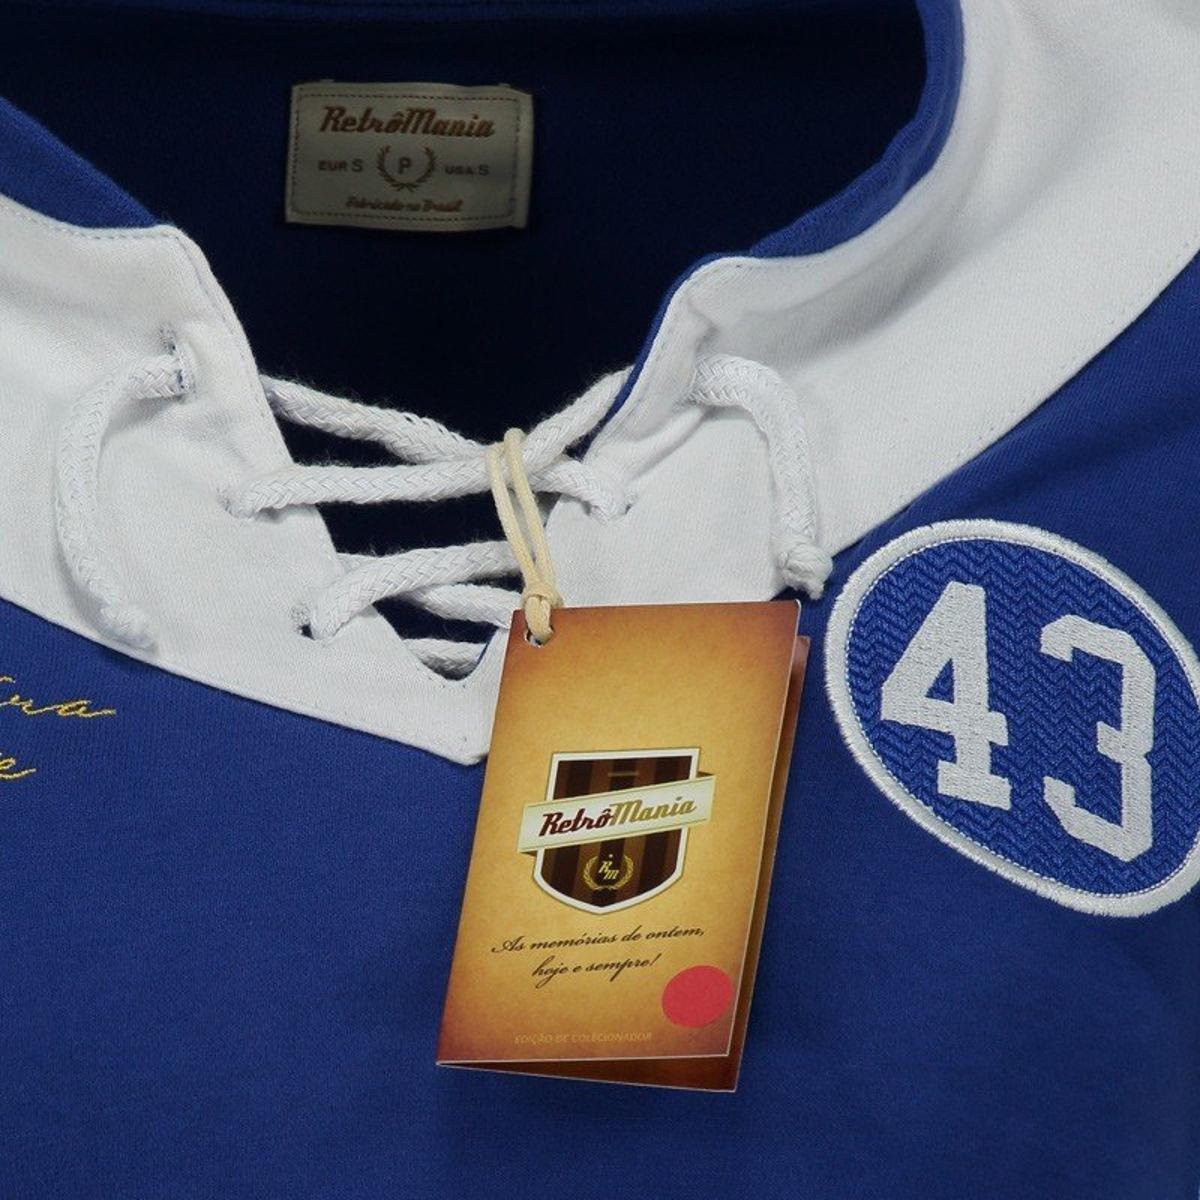 Camisa Retrômania Cruzeiro 1943 Feminina - Azul - Compre Agora ... aae6b1bf6a0f9